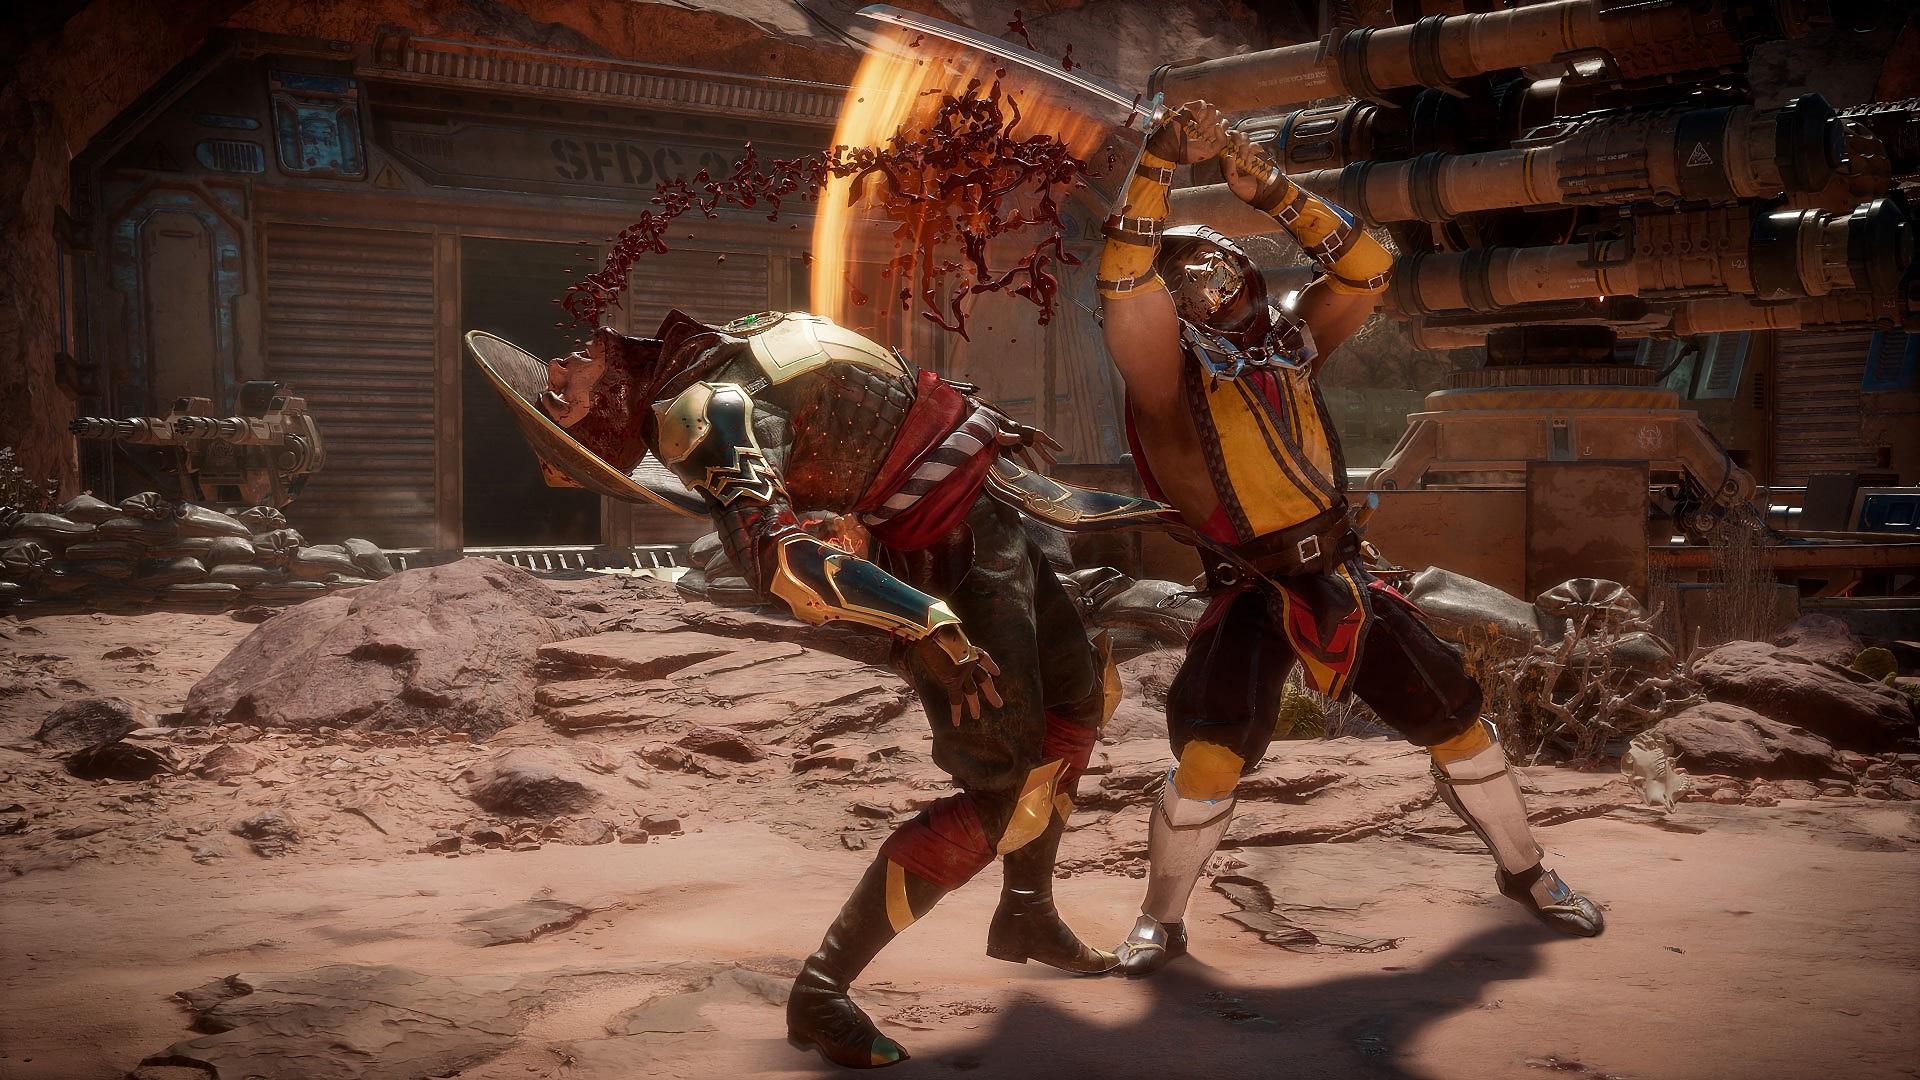 Notre avis sur la version Nintendo Switch de Mortal Kombat 11